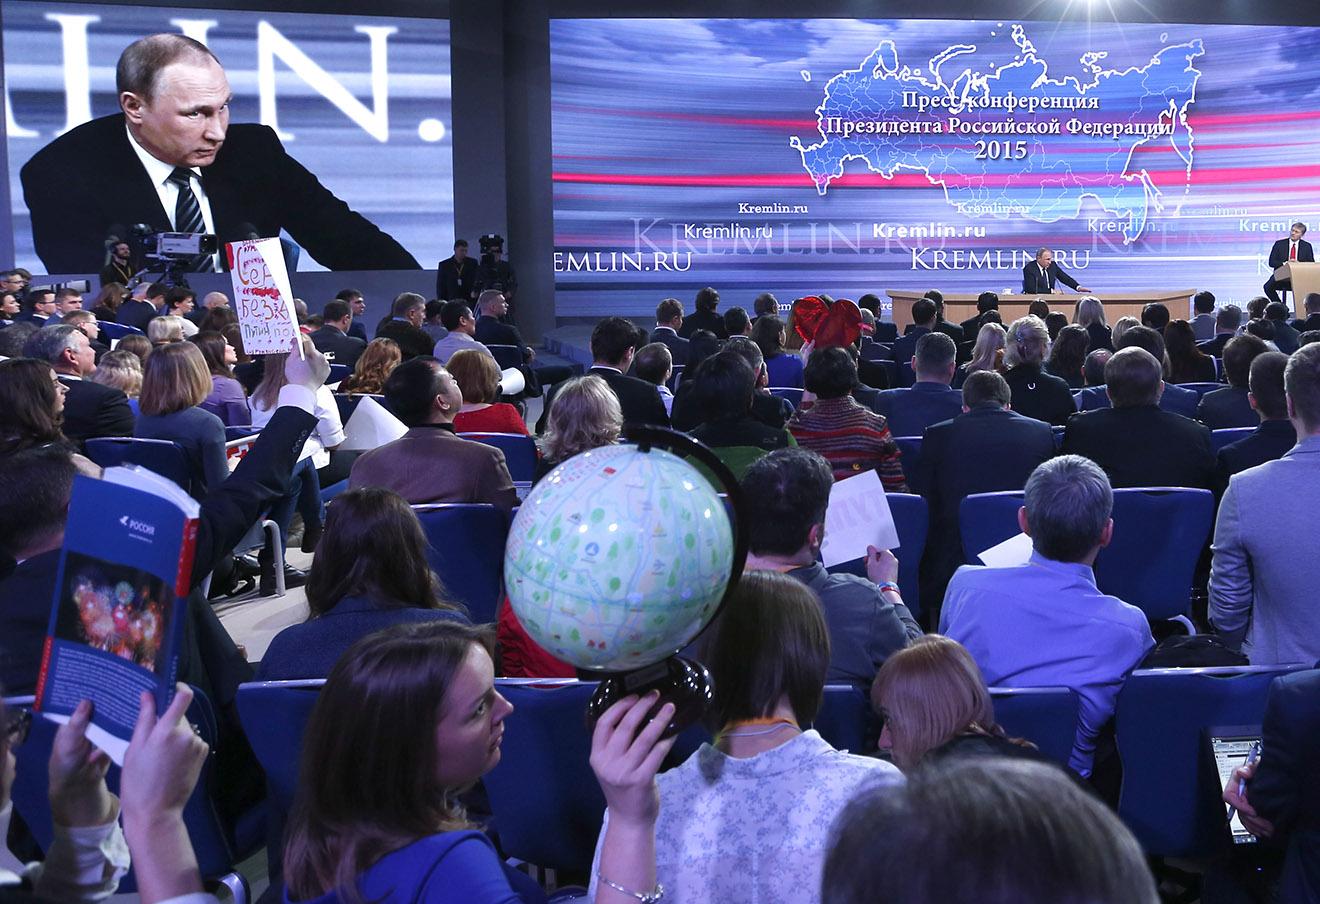 Владимир Путин во время пресс-конференции в Центре международной торговли в 2015 году.